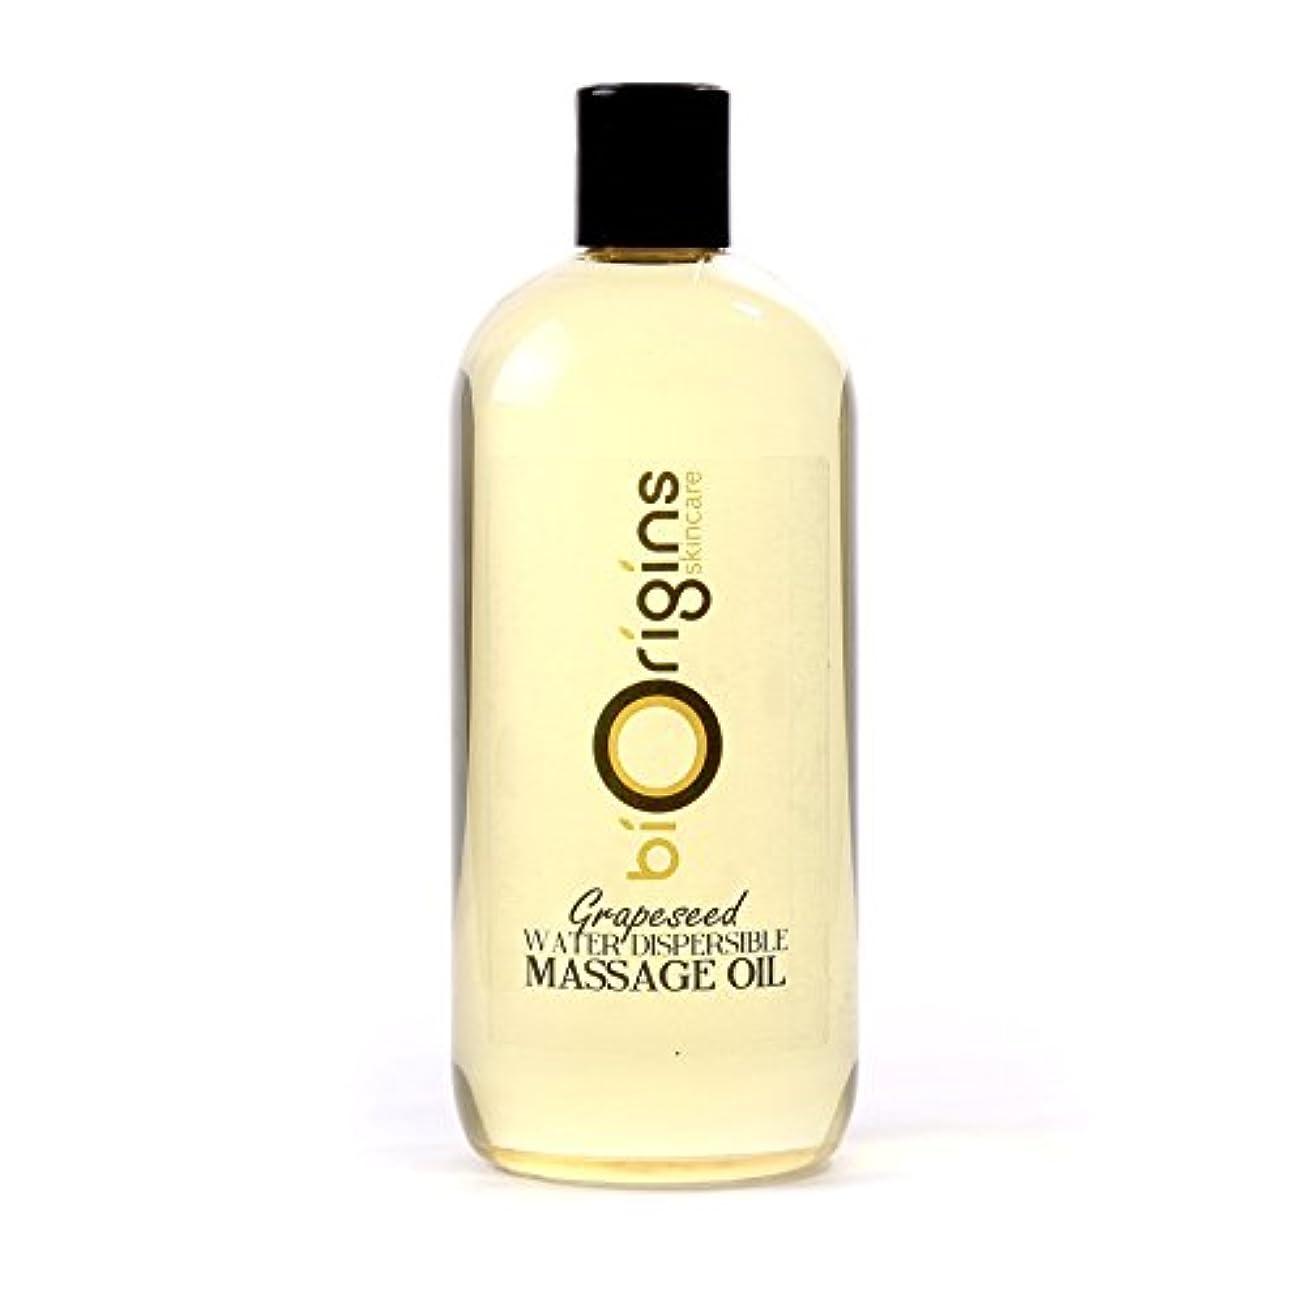 緊張シンカン雑草Grapeseed Water Dispersible Massage Oil - 500ml - 100% Pure